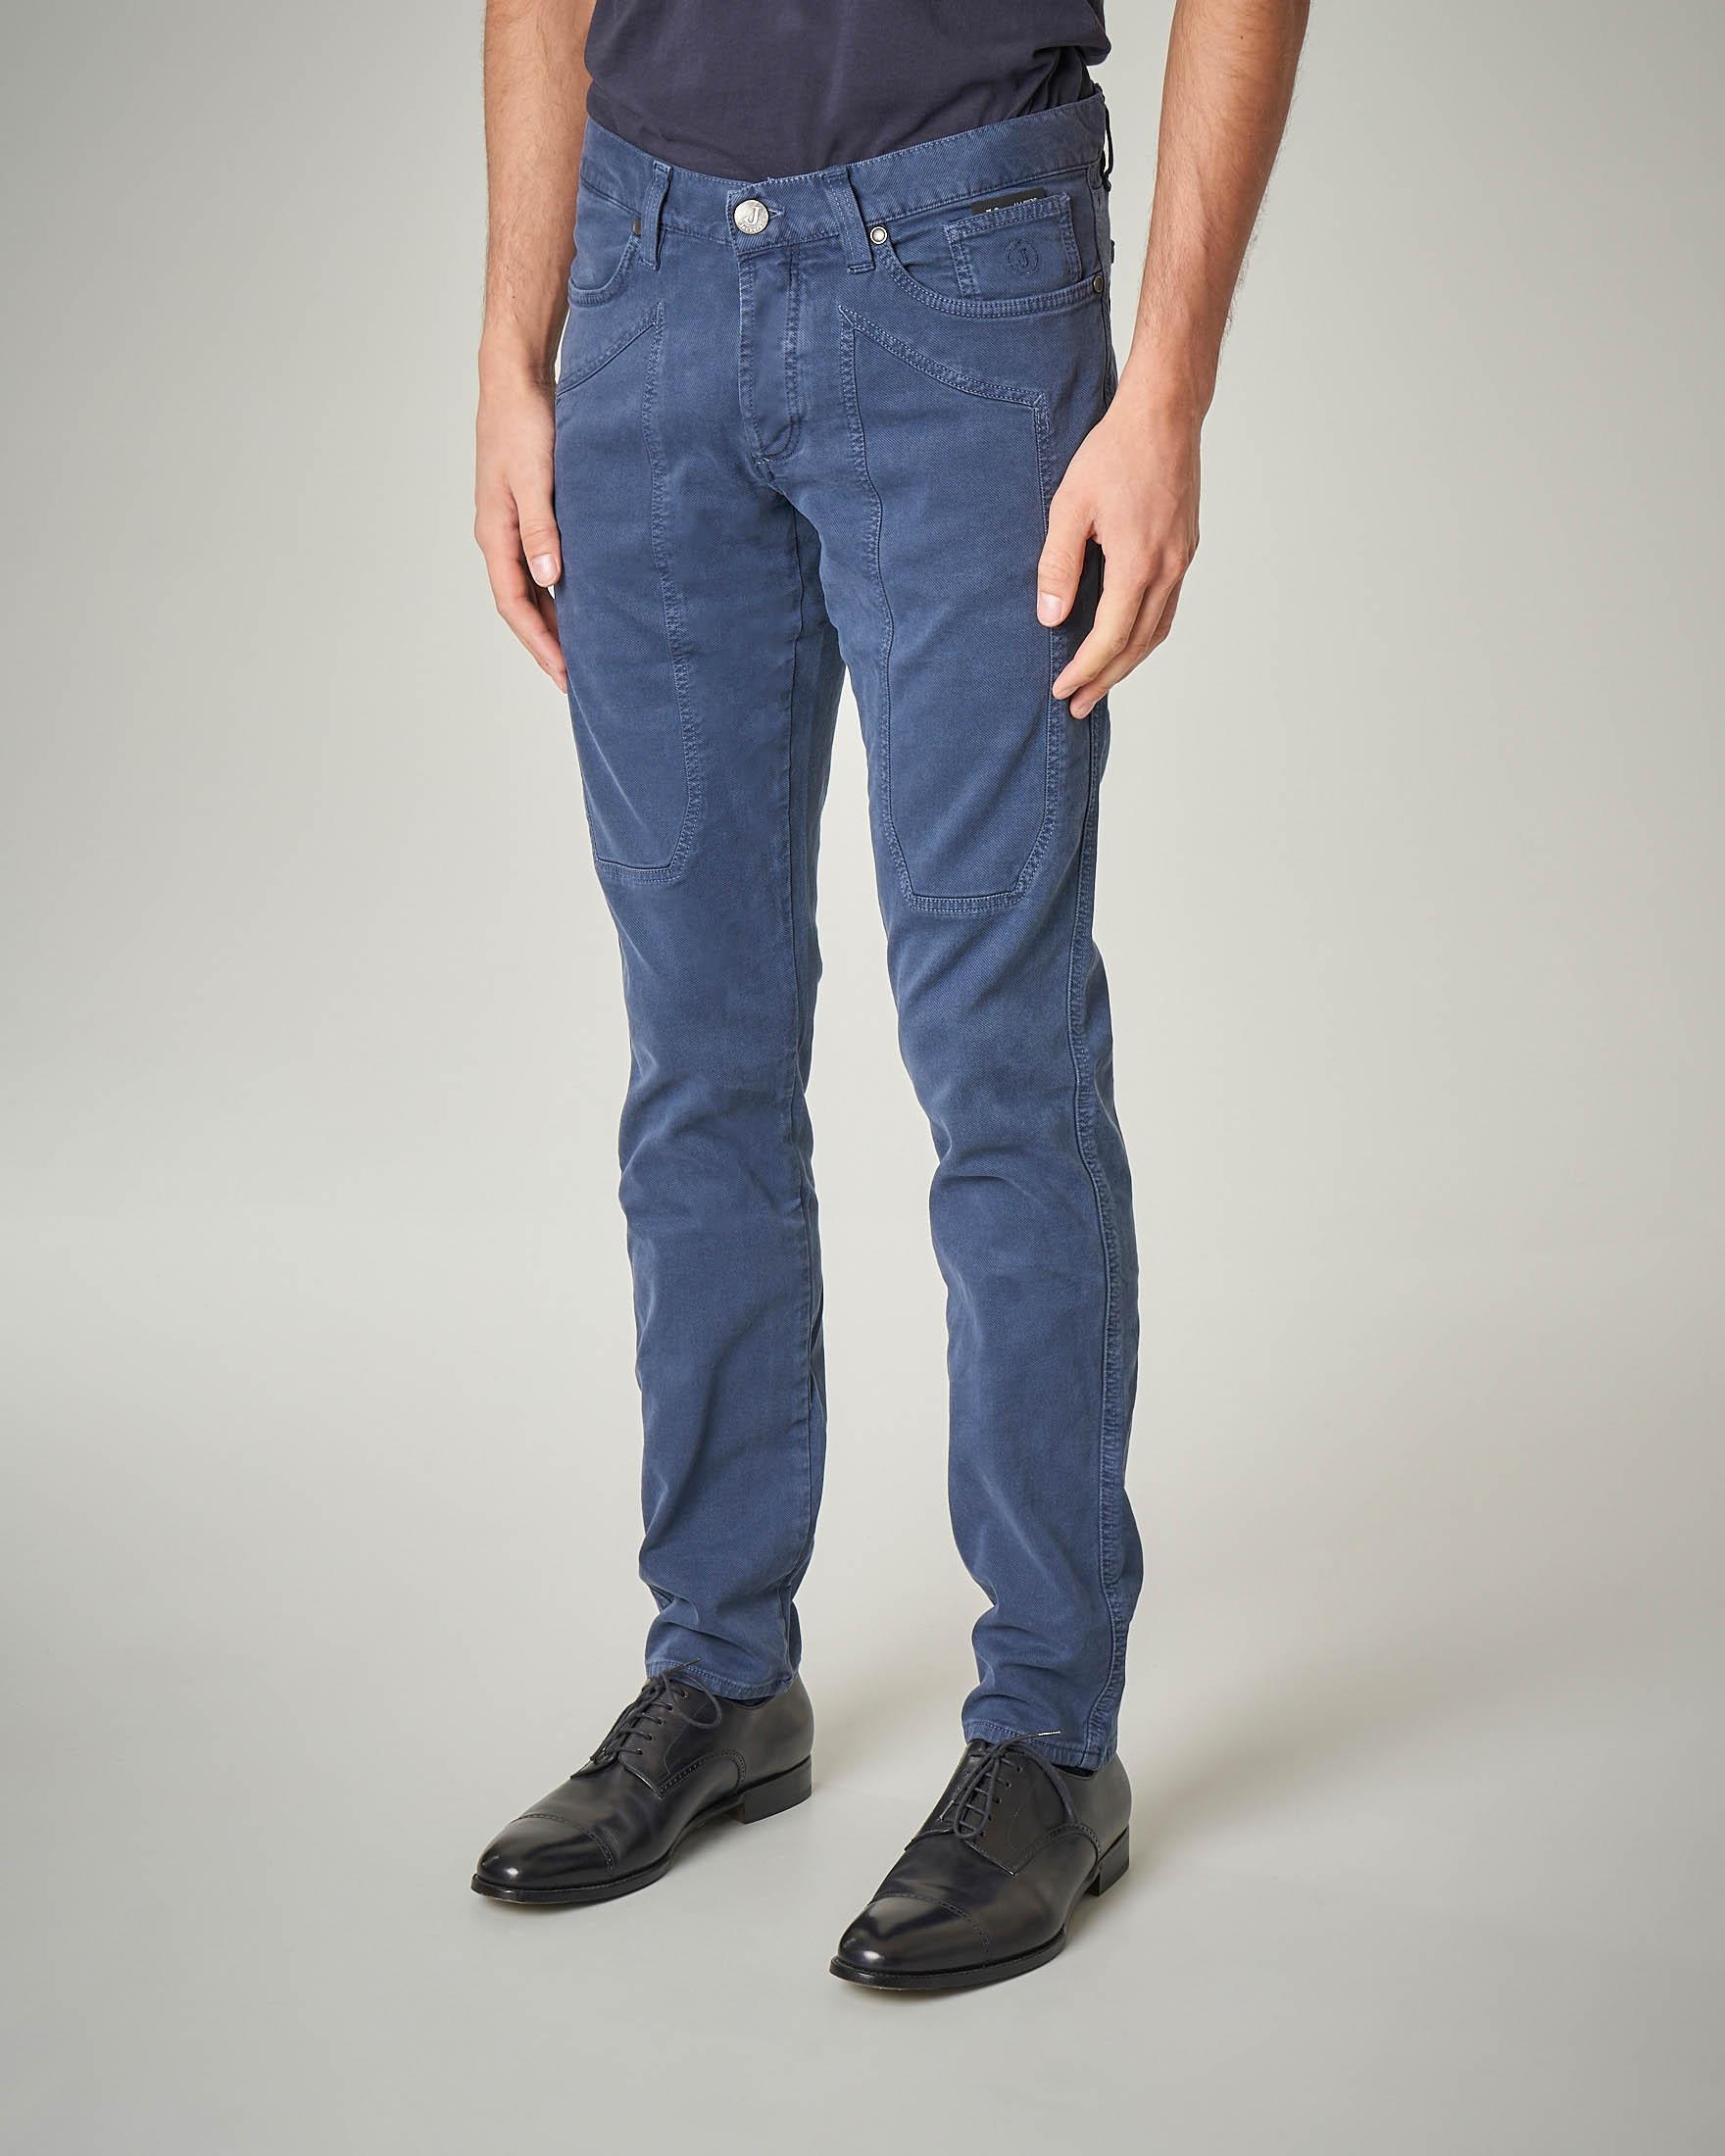 Pantalone cinque tasche avio in cotone con toppa